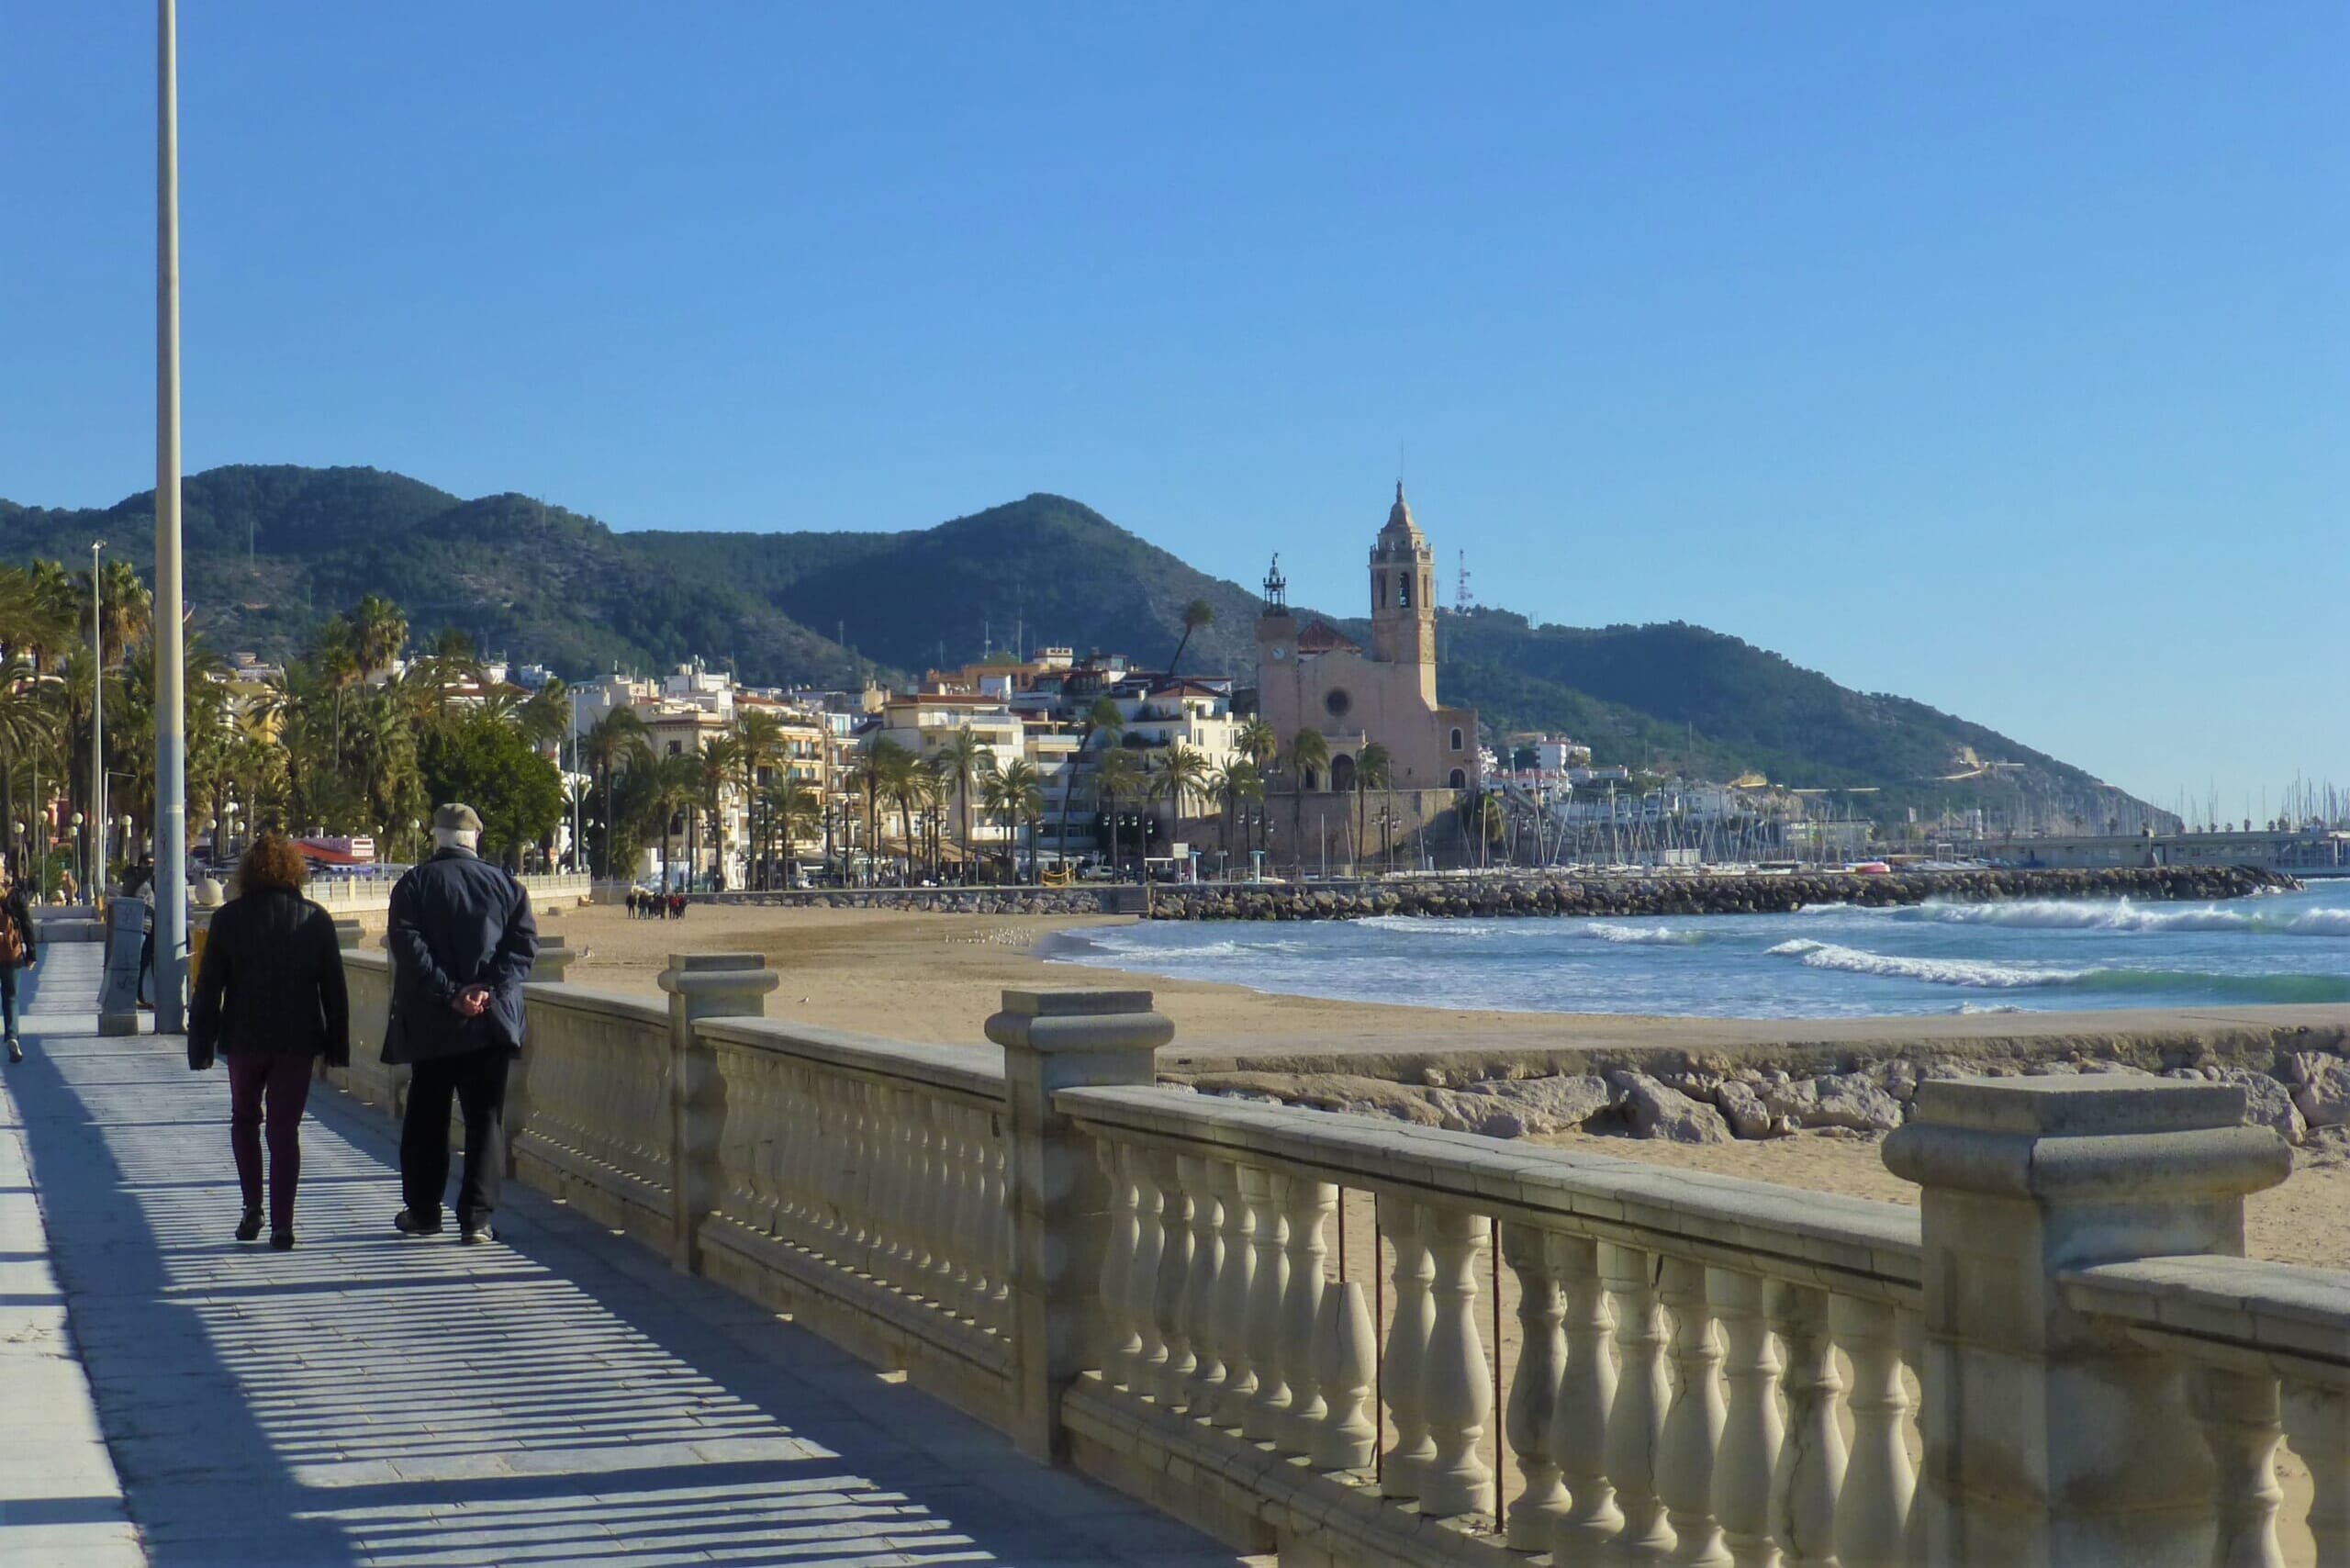 北スペインの観光スポットであるカタルーニャのシッチェス